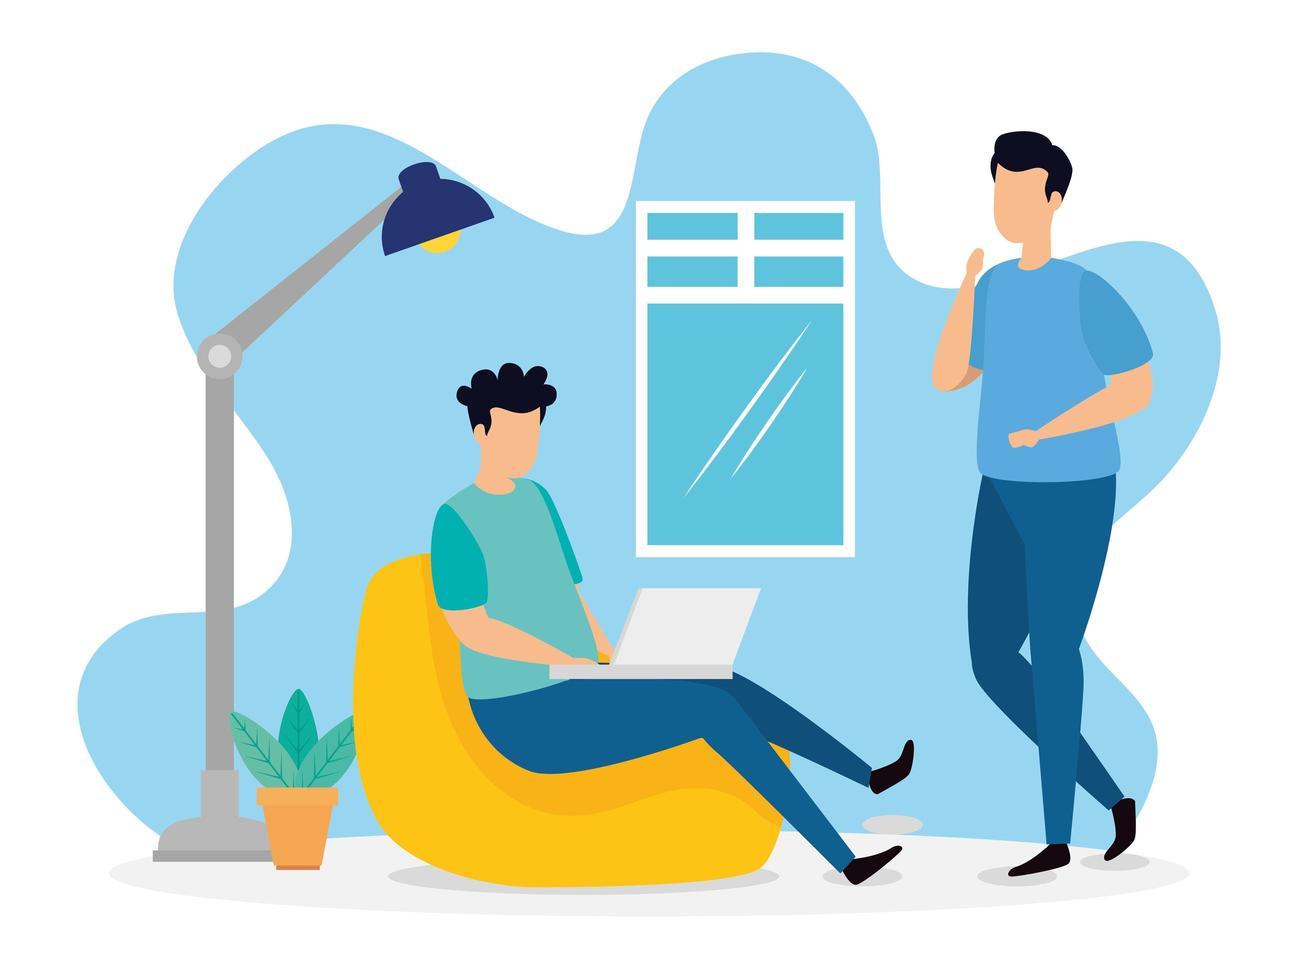 scène de coworking avec des hommes à l'intérieur vecteur